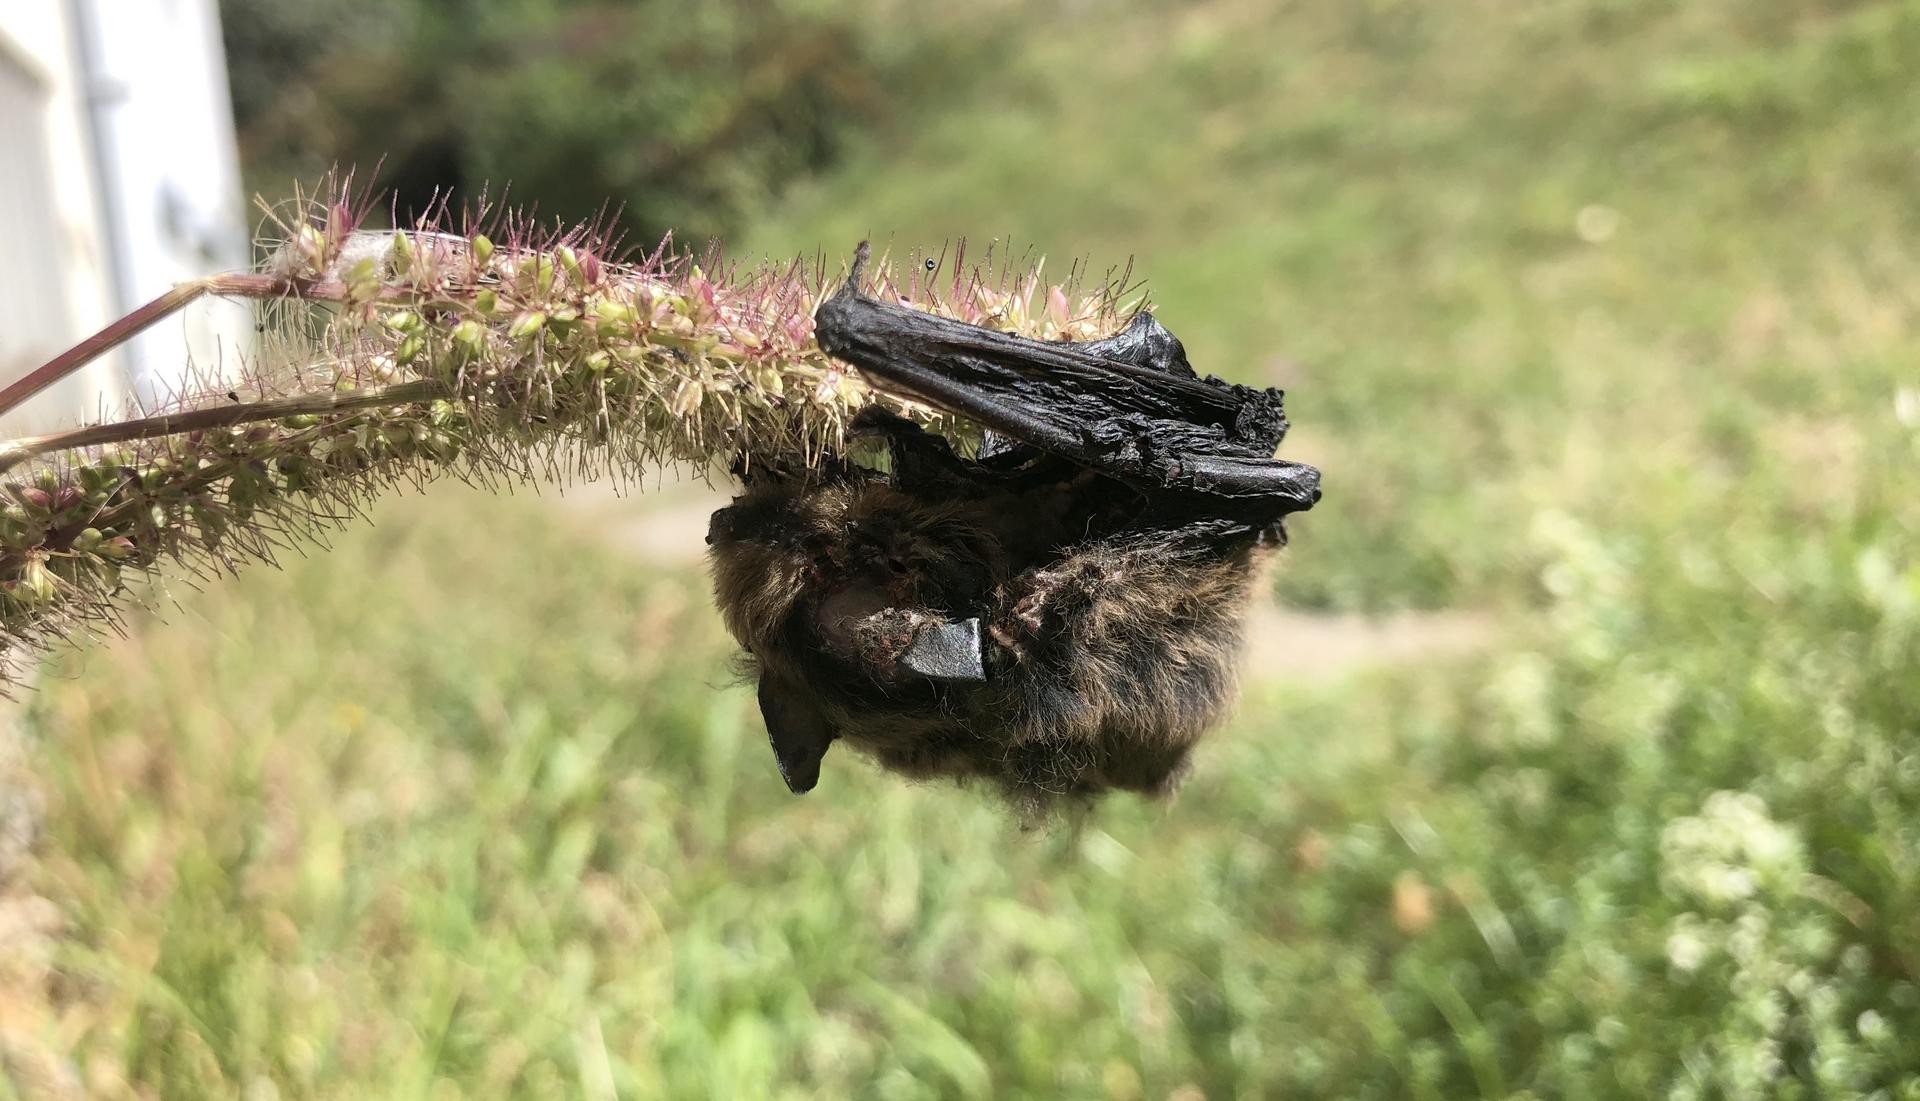 Pipistrelle observée à Besançon (25). Après s'être posée sur cette plante (probablement du genre Setaria) elle est restée accrochée au petits crochets présents sur ses graines et n'a pas pu s'en libérer. Ce piège naturel a entraîné sa mort. © CPEPESC-FC